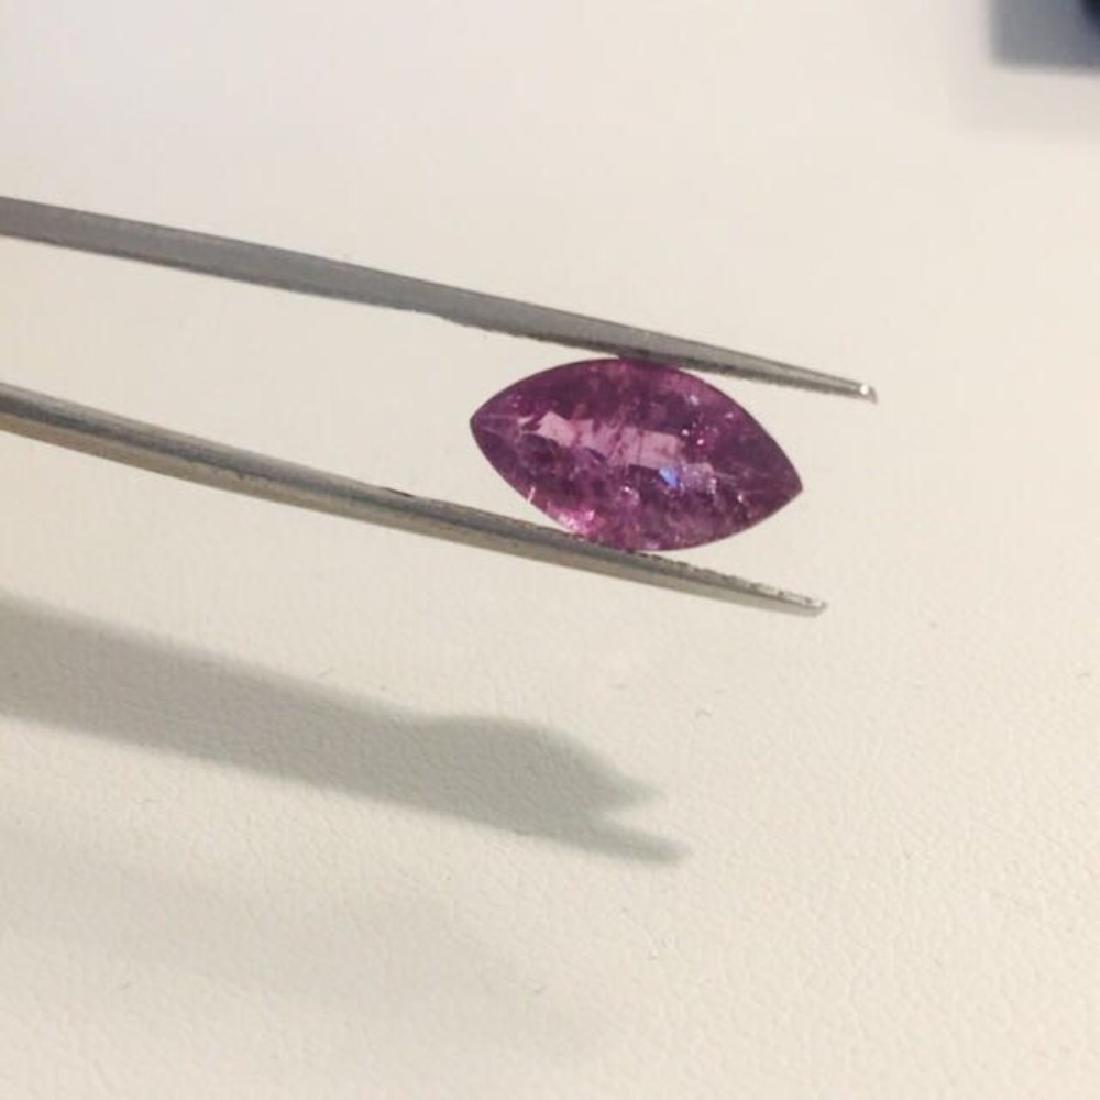 3.75 carat purple sapphire